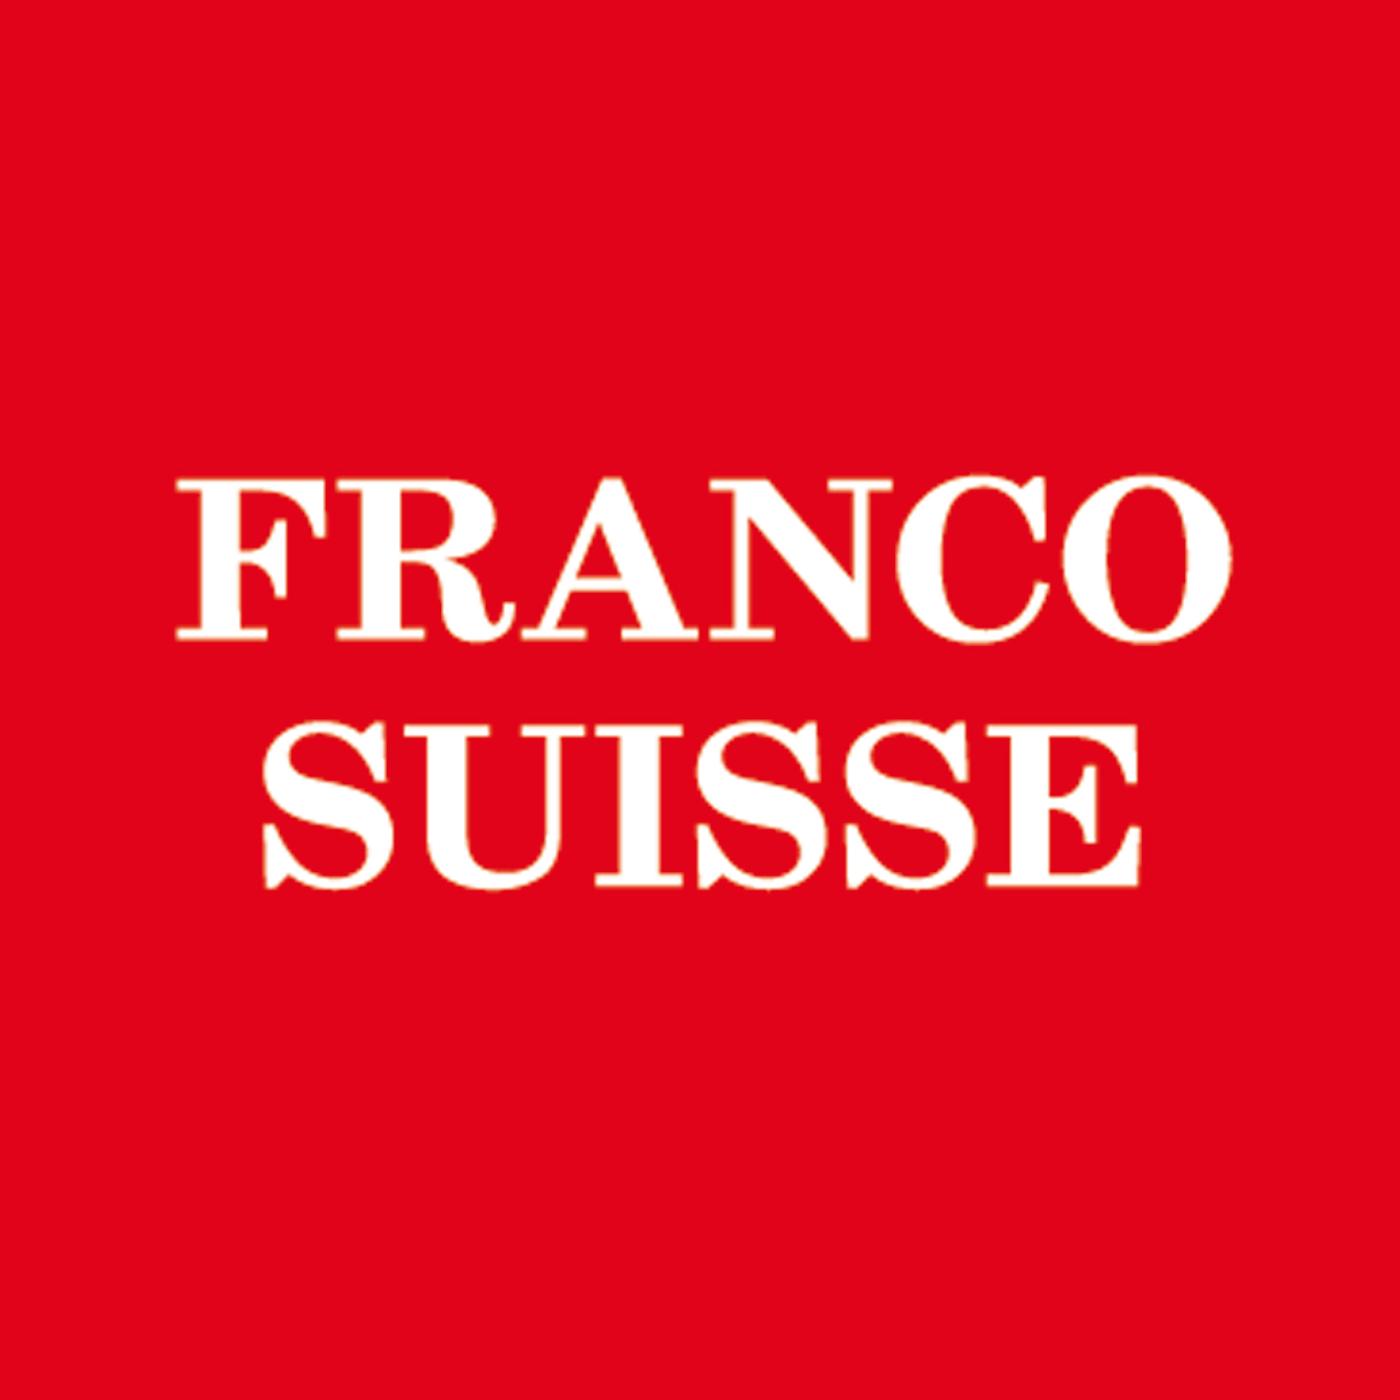 Client Franco Suisse